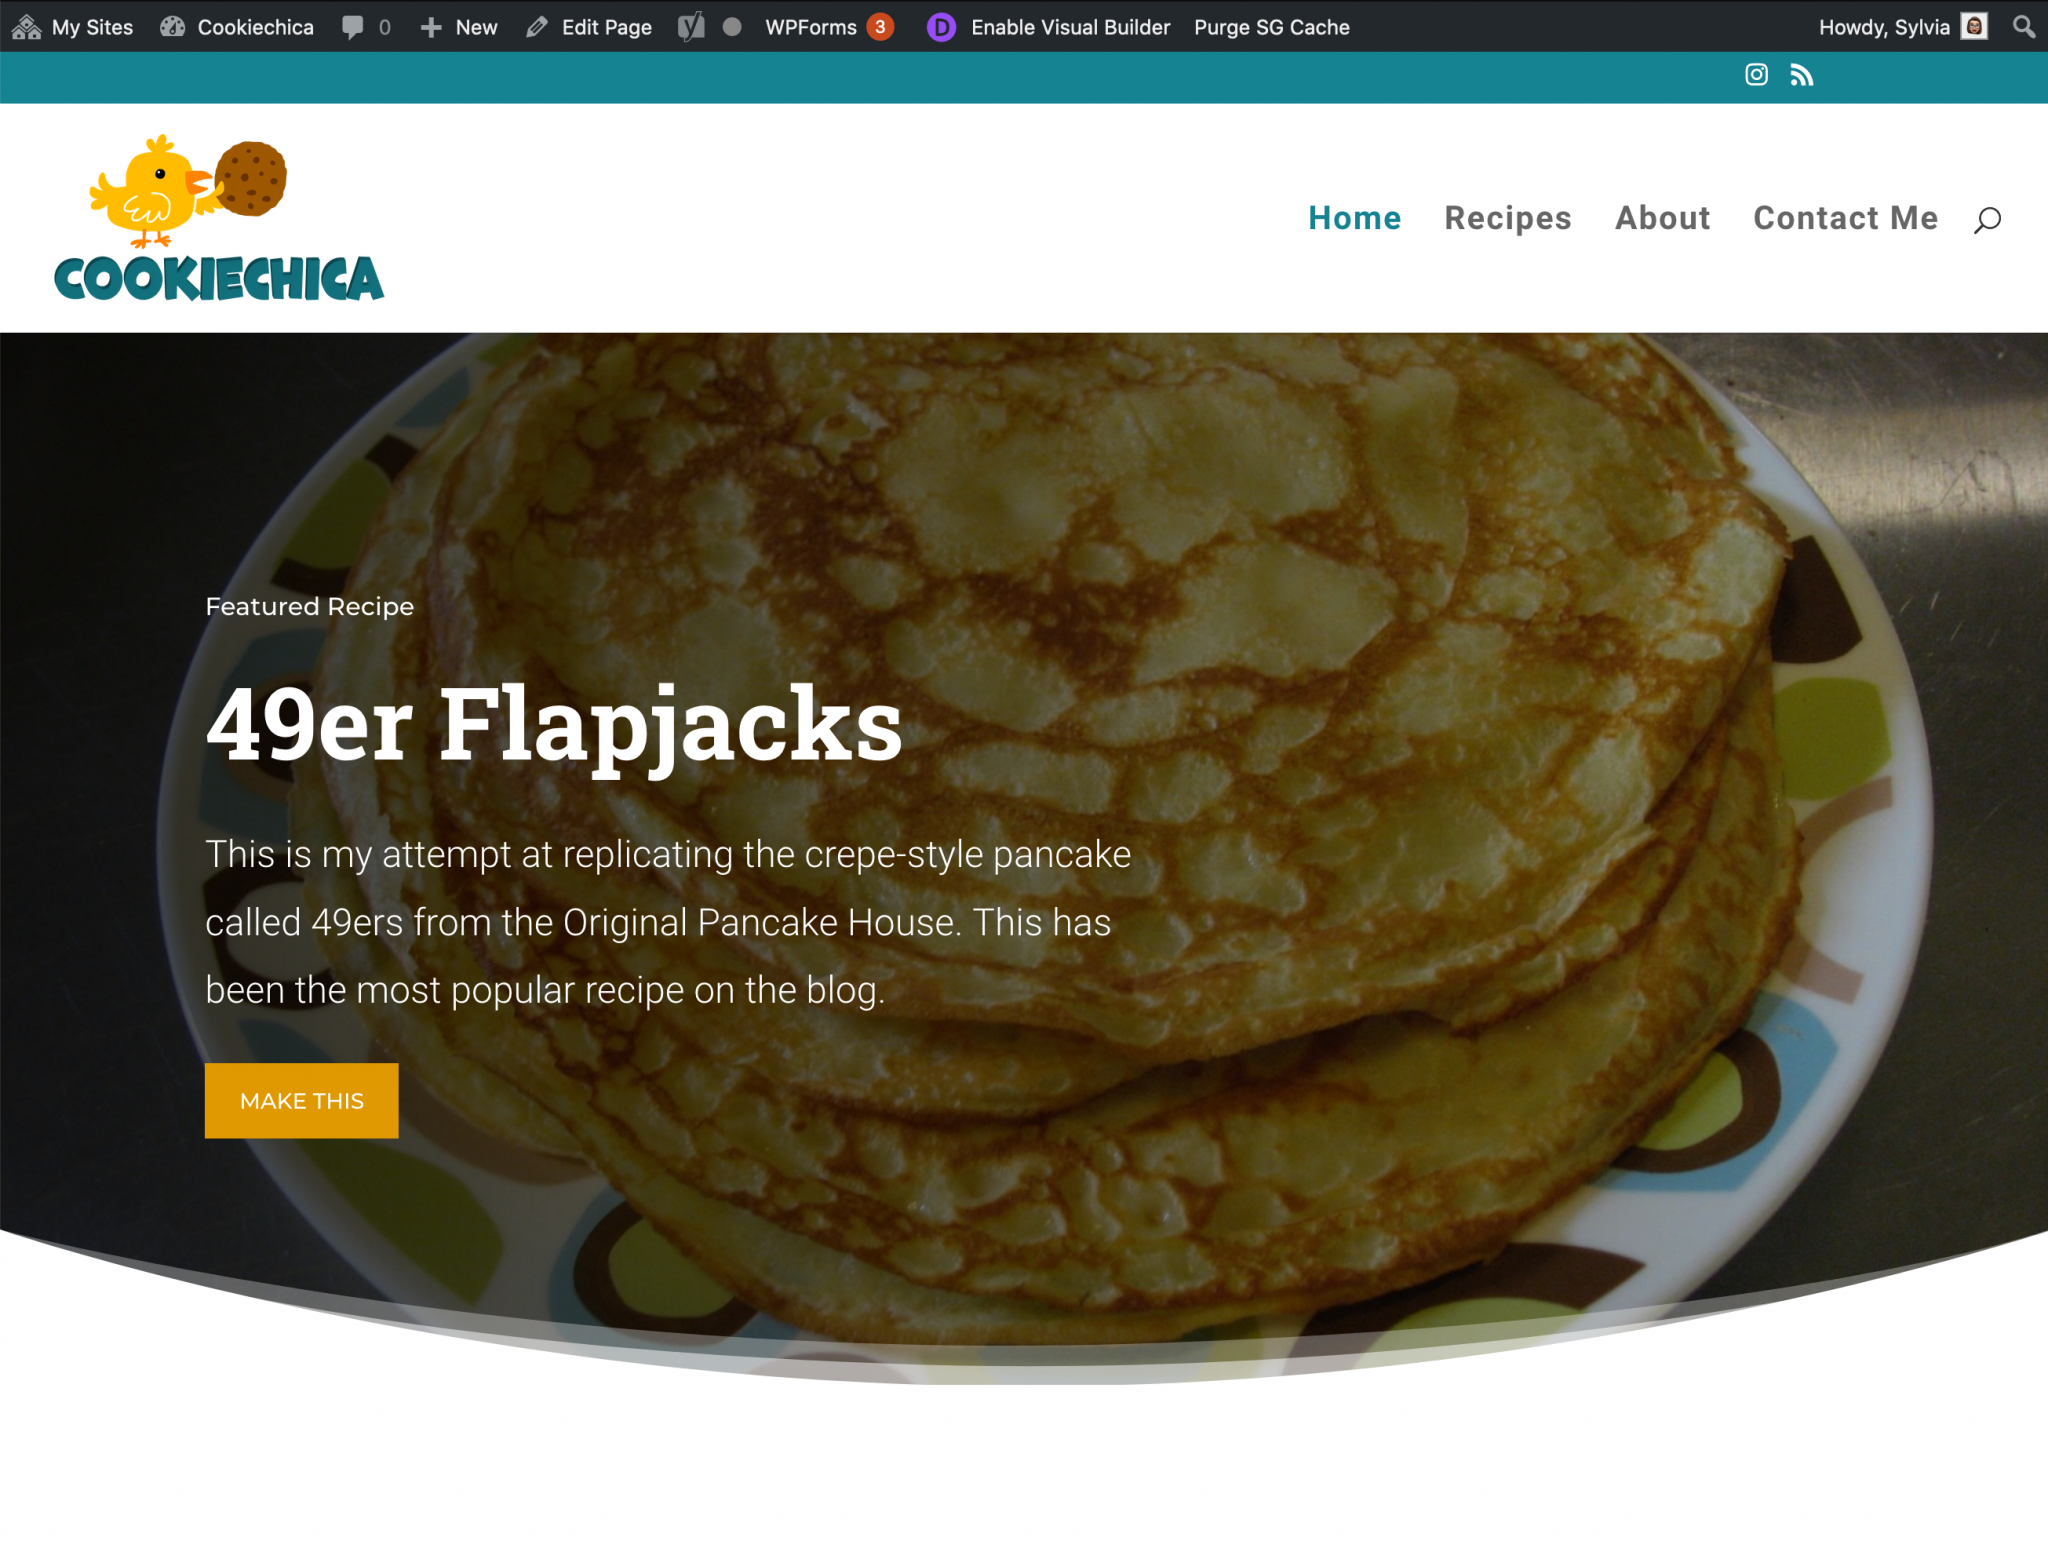 Cookiechica blog